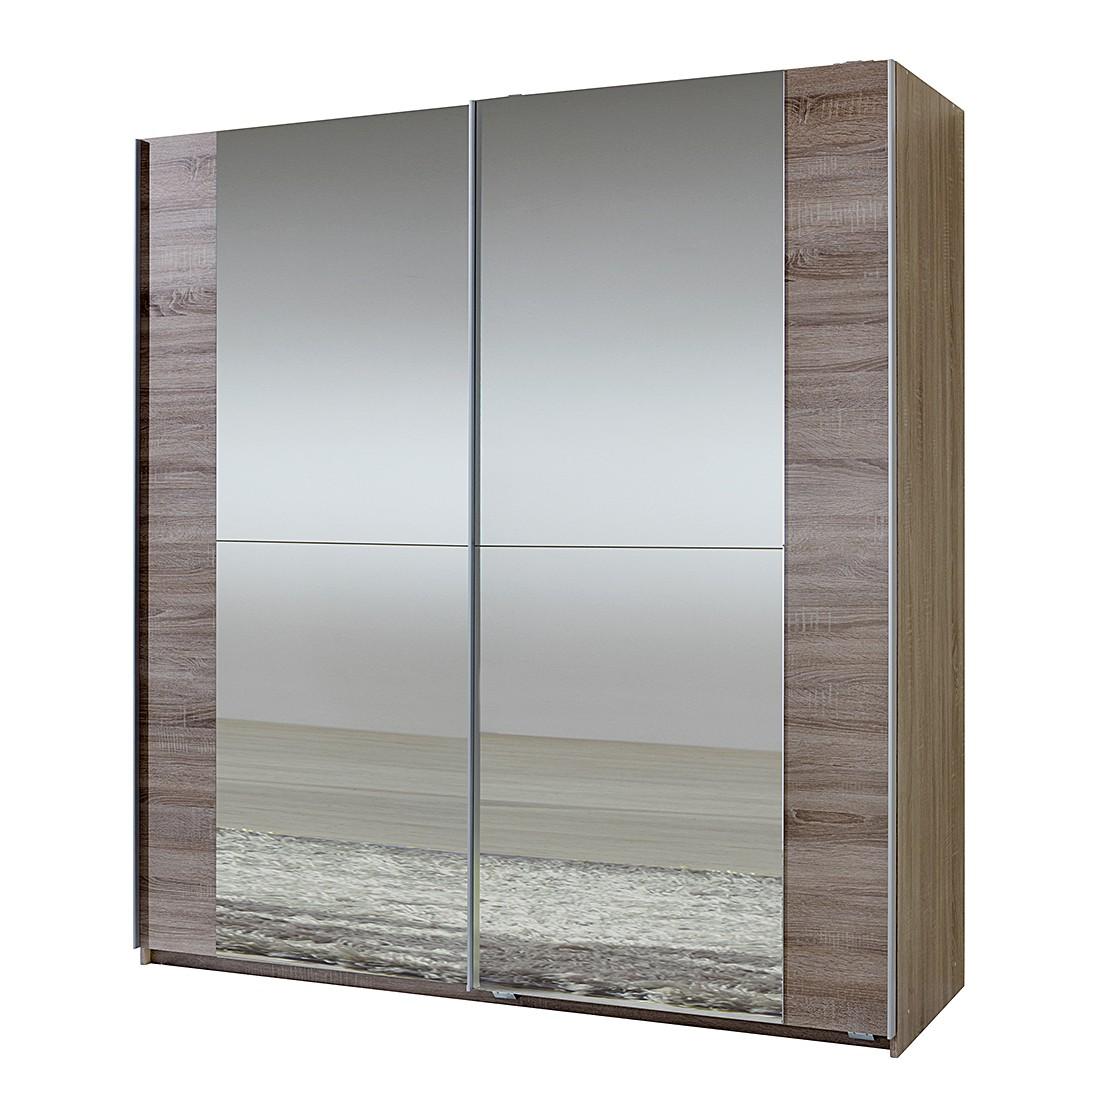 Schwebetürenschrank Fashion Star - Montana Eiche - Spiegelfont (Schrank mit zwei Spiegeln)